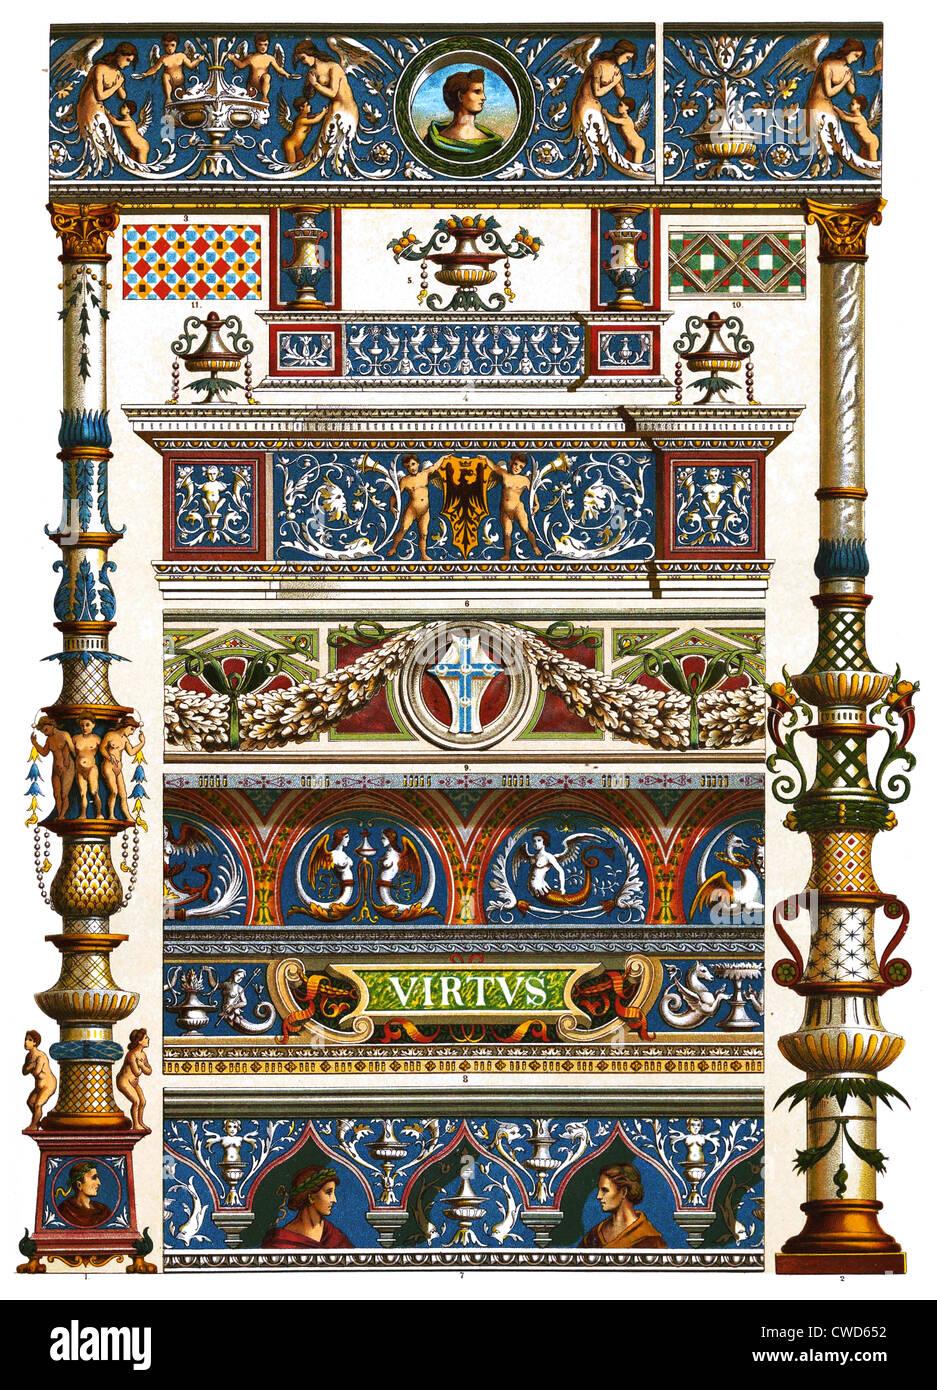 Tableaux Banque d'image et photos - Alamy